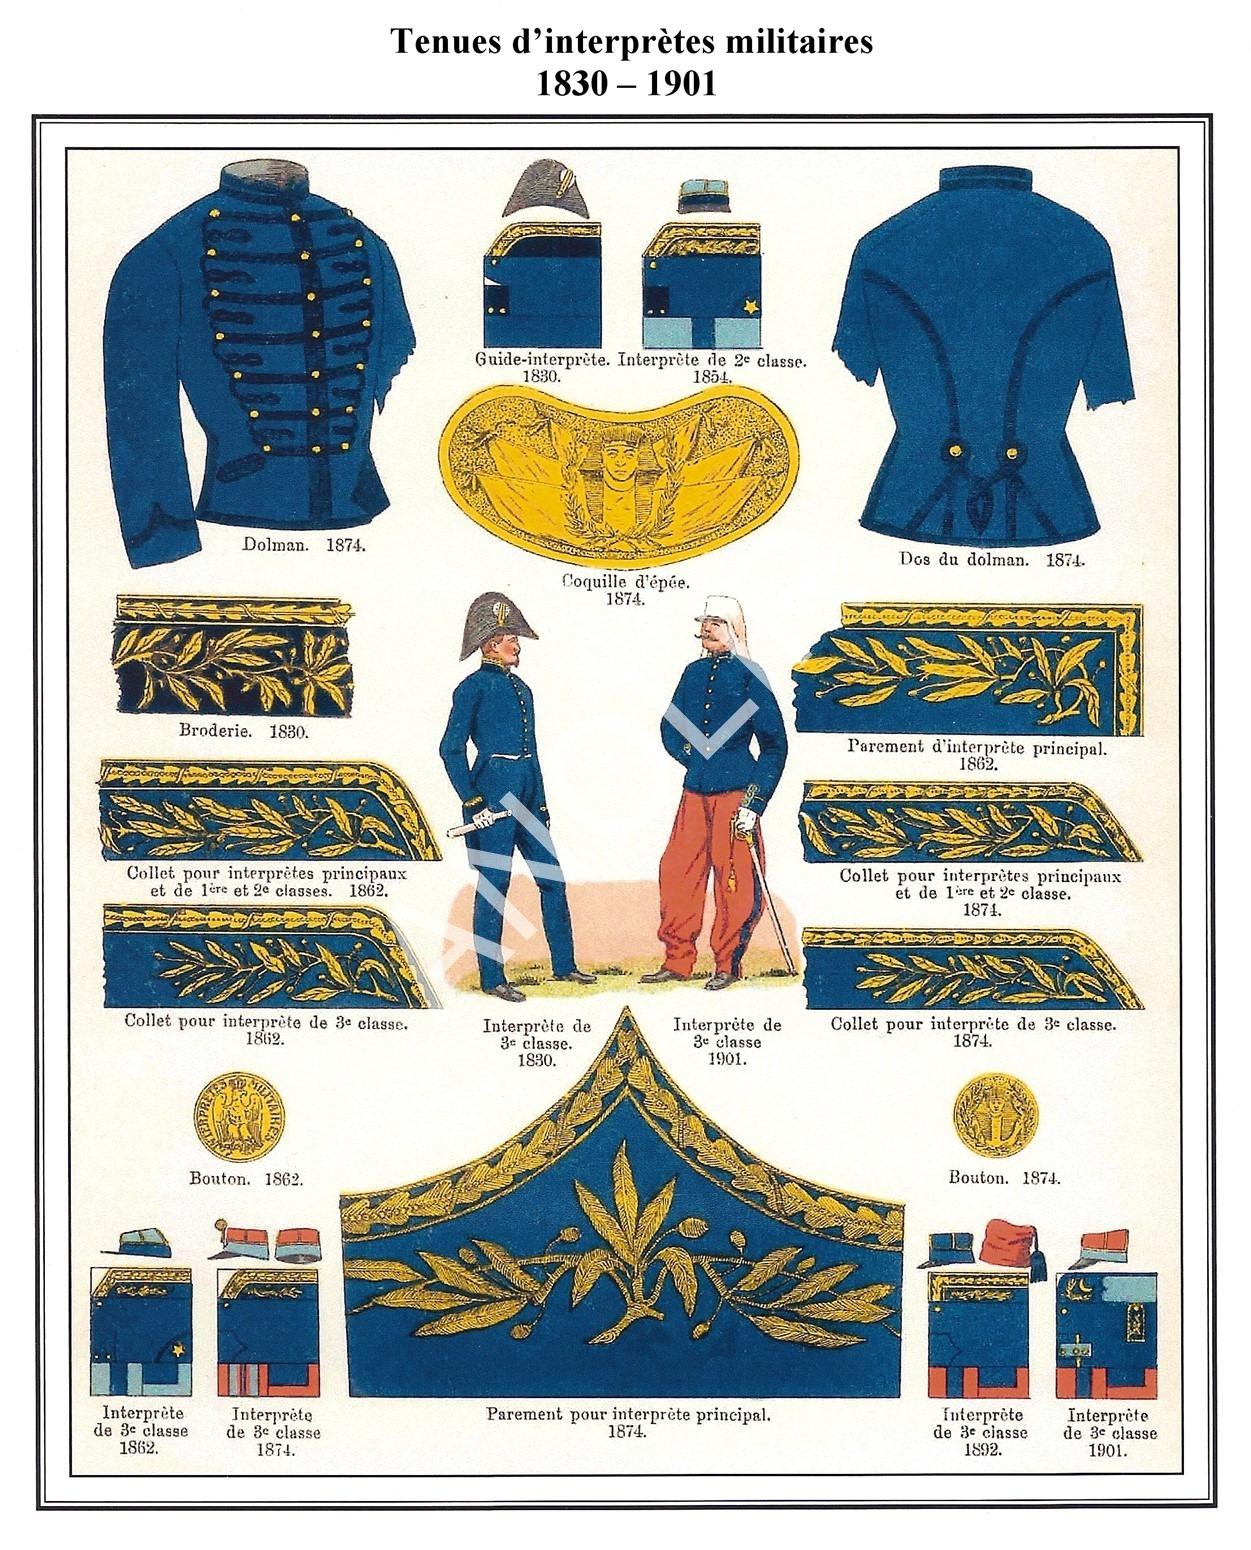 1830, Armée d'Afrique